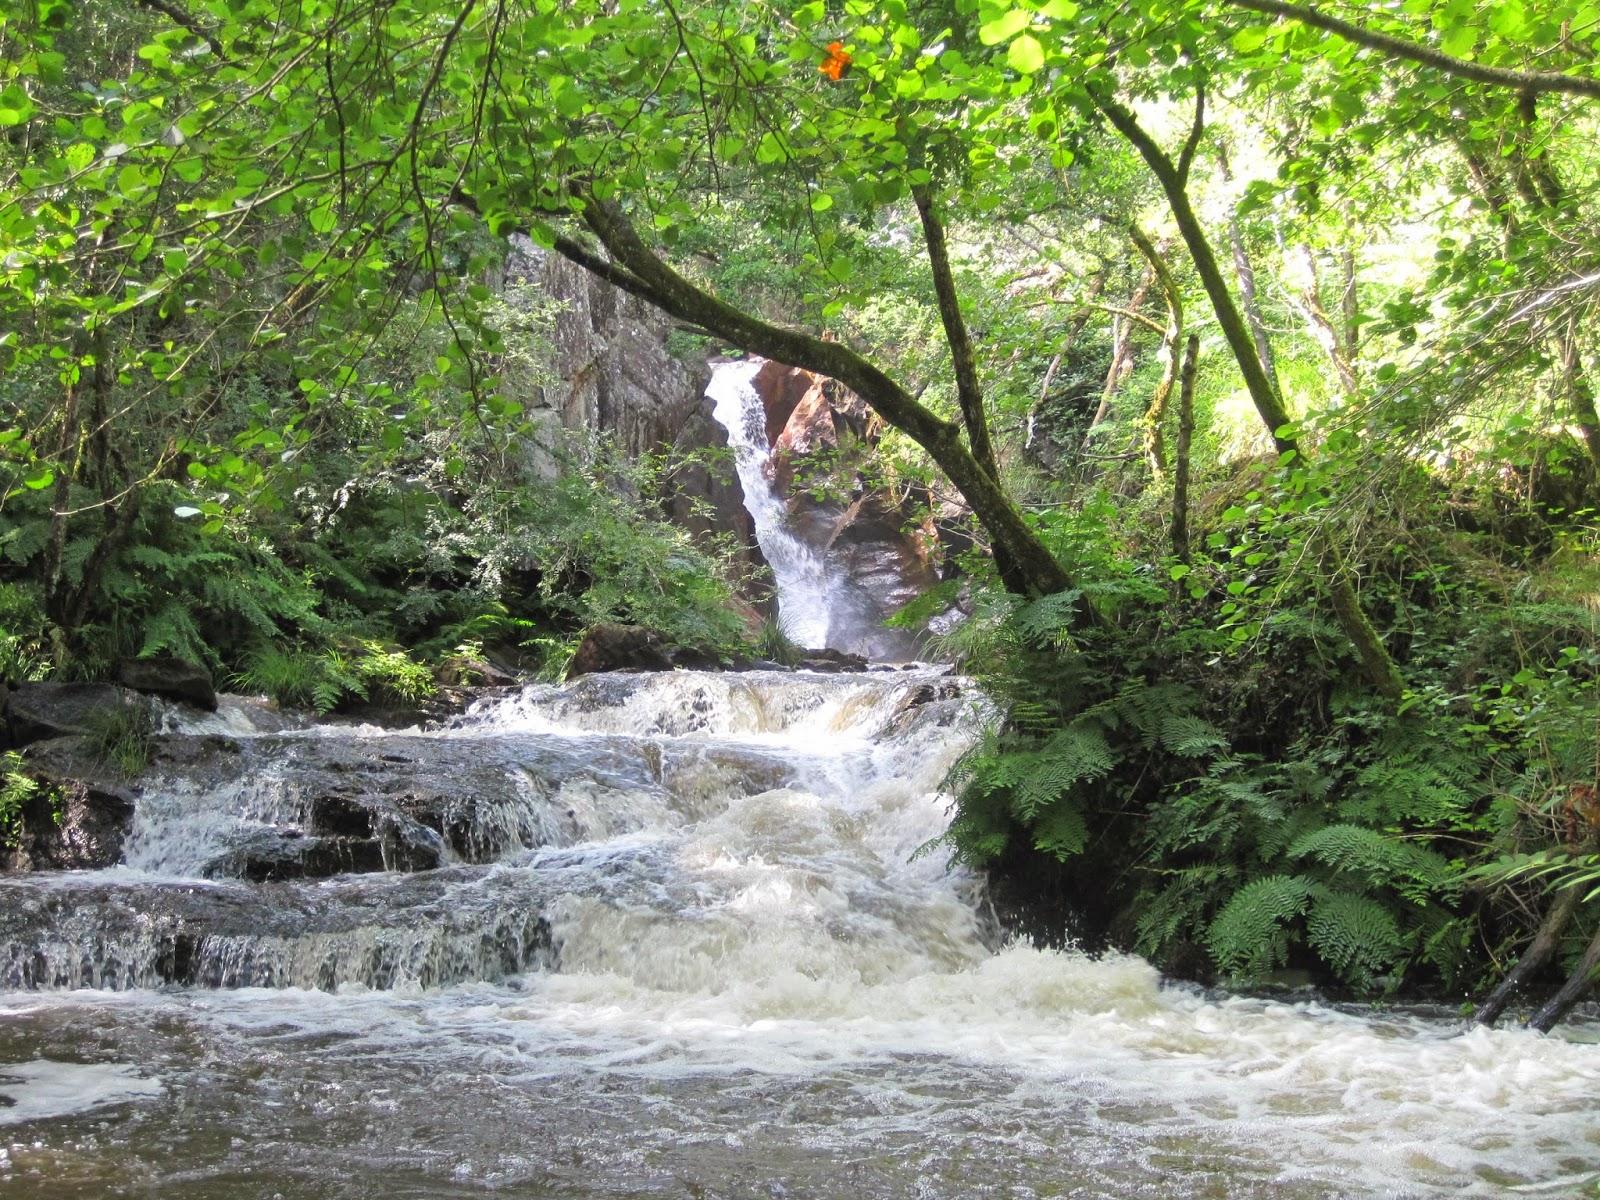 Cascada Salto das Pombas en Touro